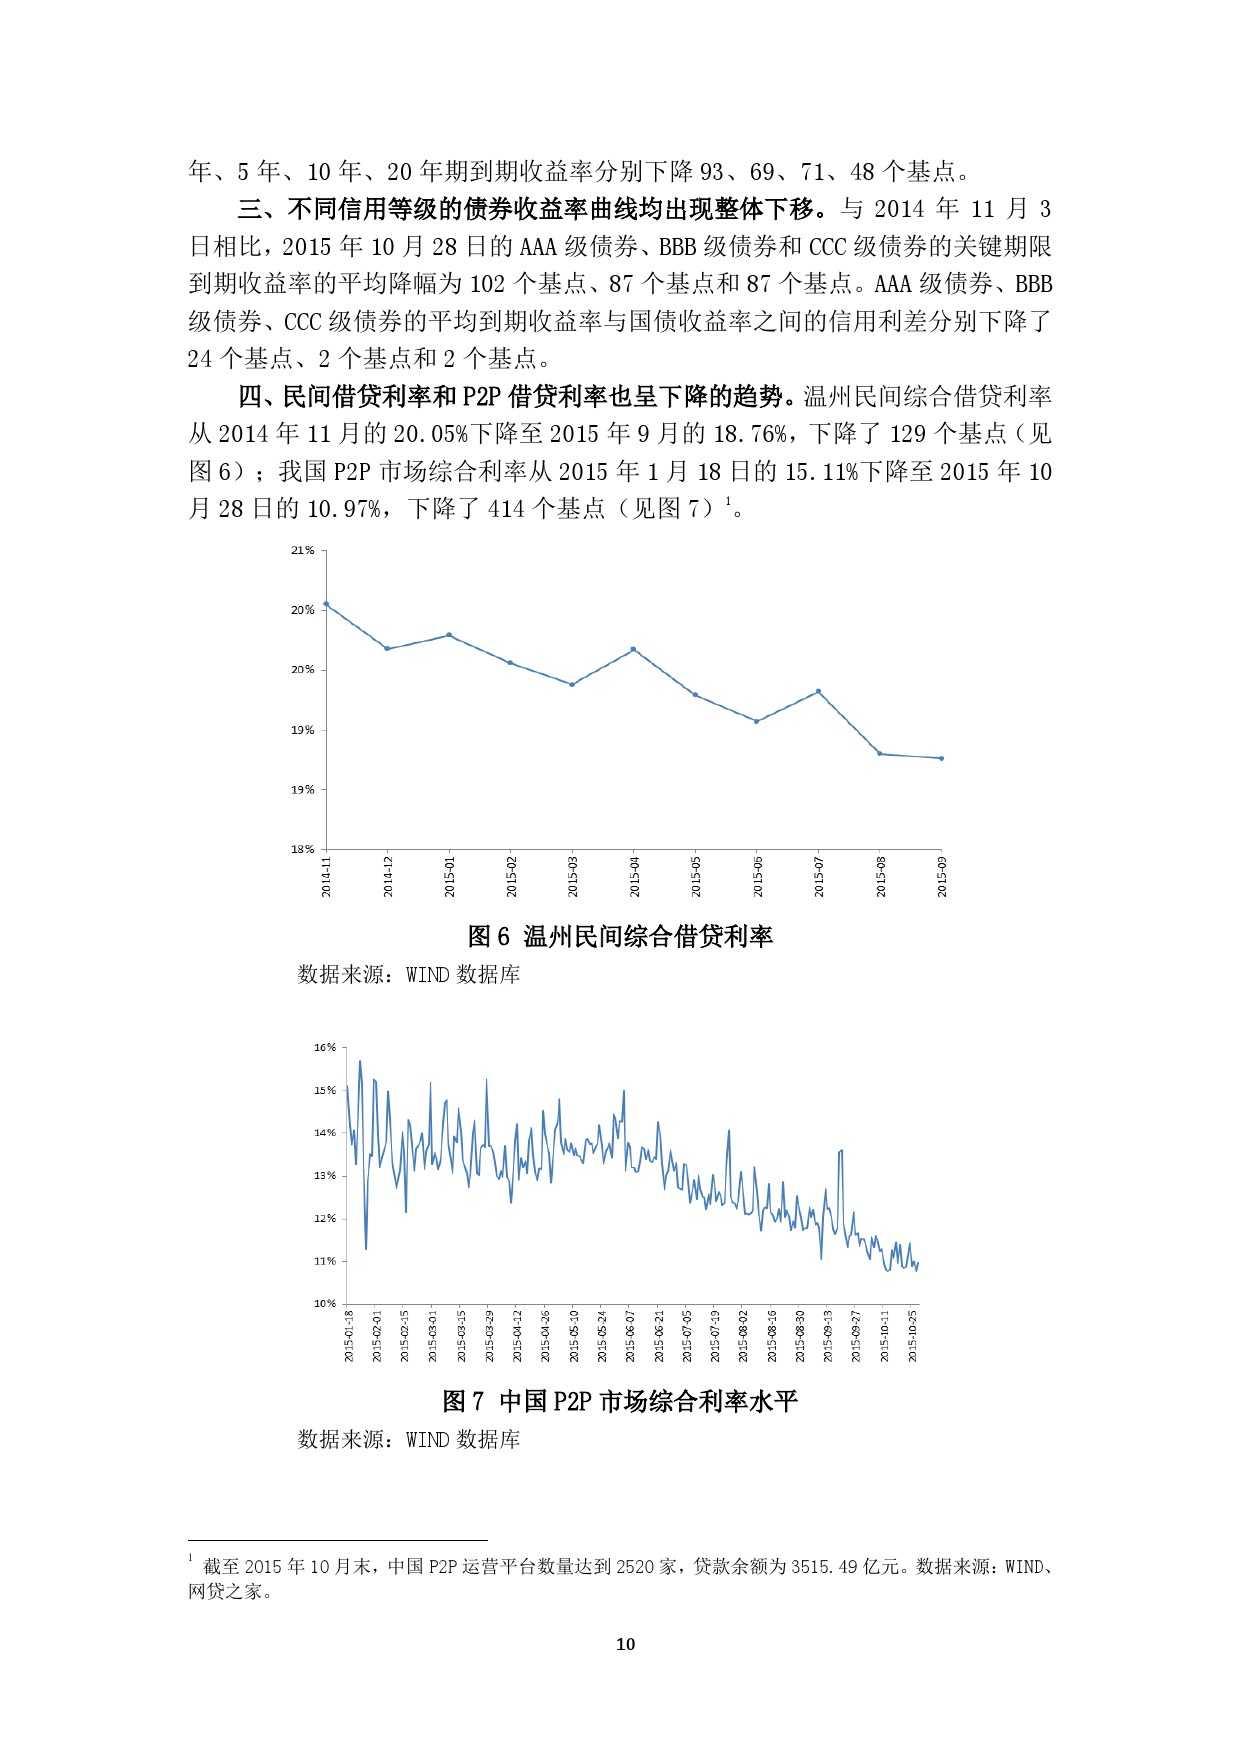 中国人民银行:2016 年中国宏观经济预测_000010